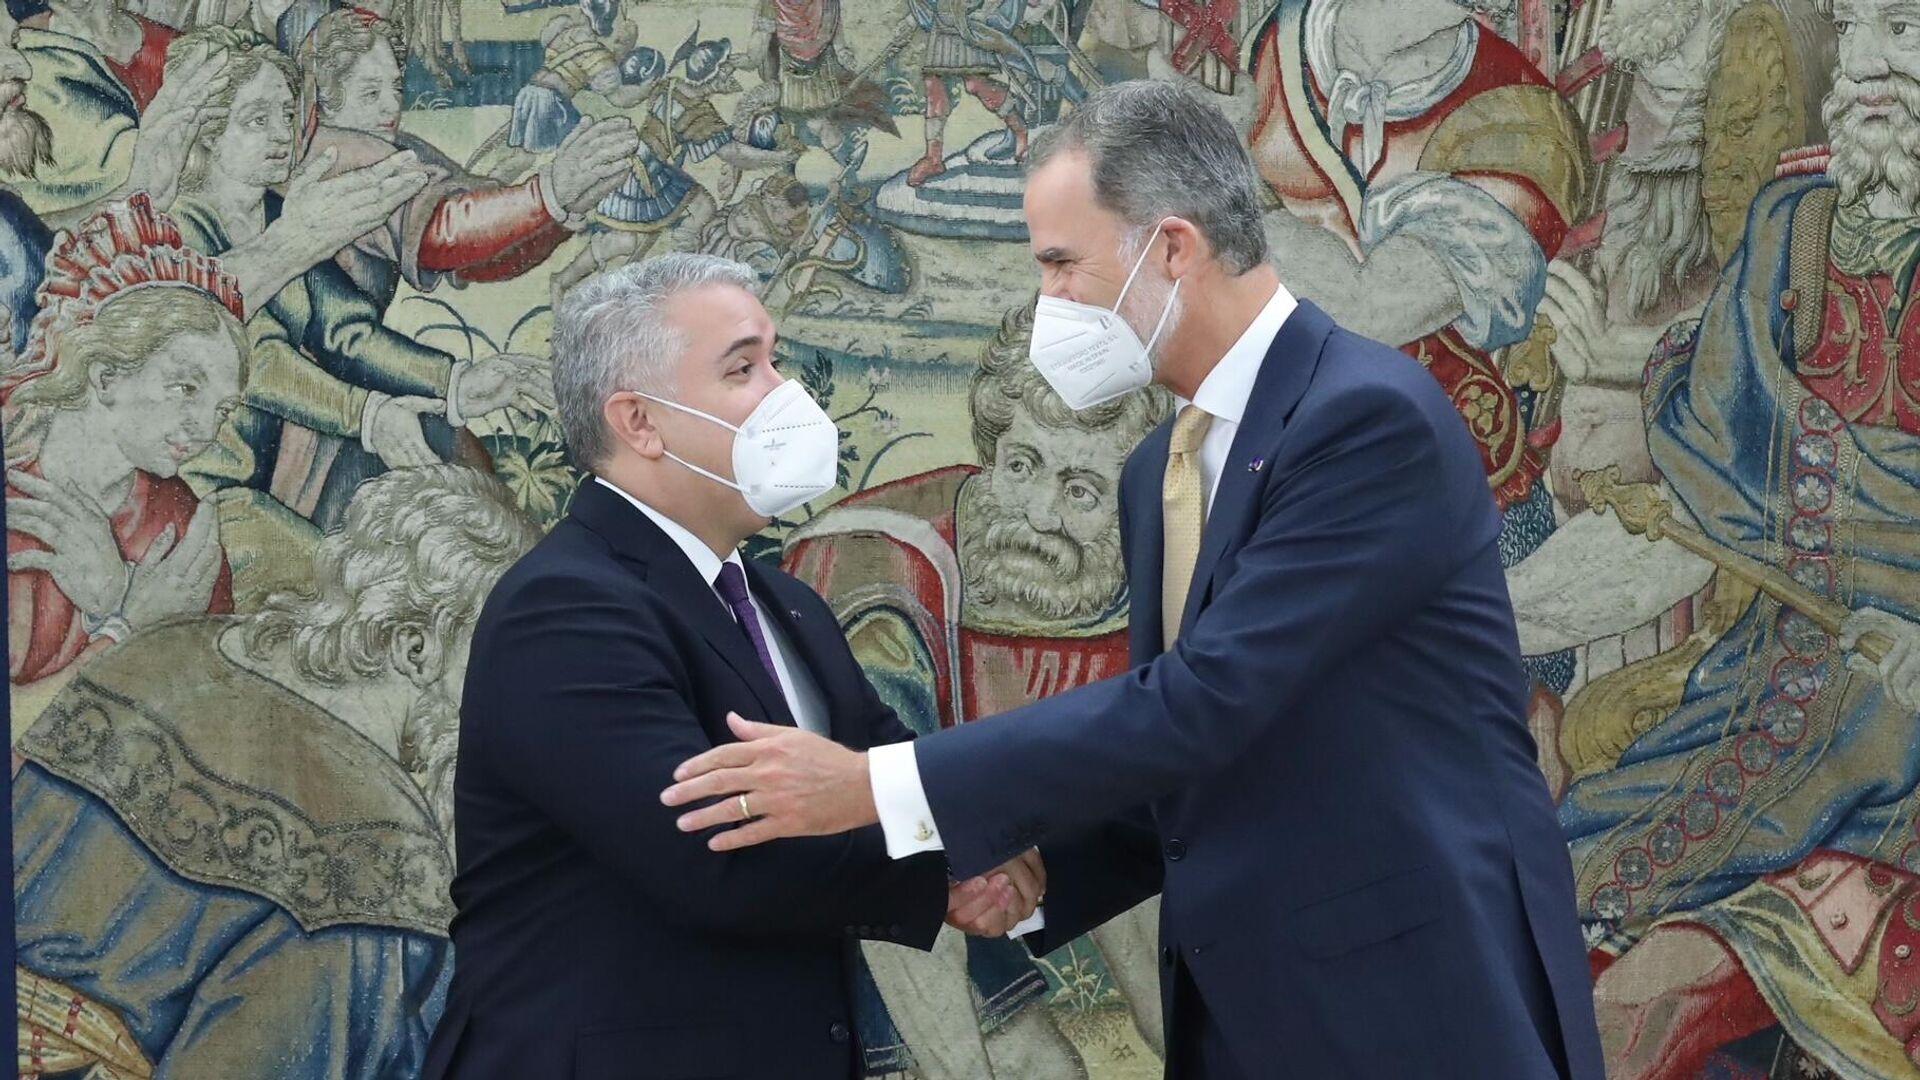 El rey de España, Felipe VI, se reúne con el presidente colombiano, Iván Duque - Sputnik Mundo, 1920, 16.09.2021